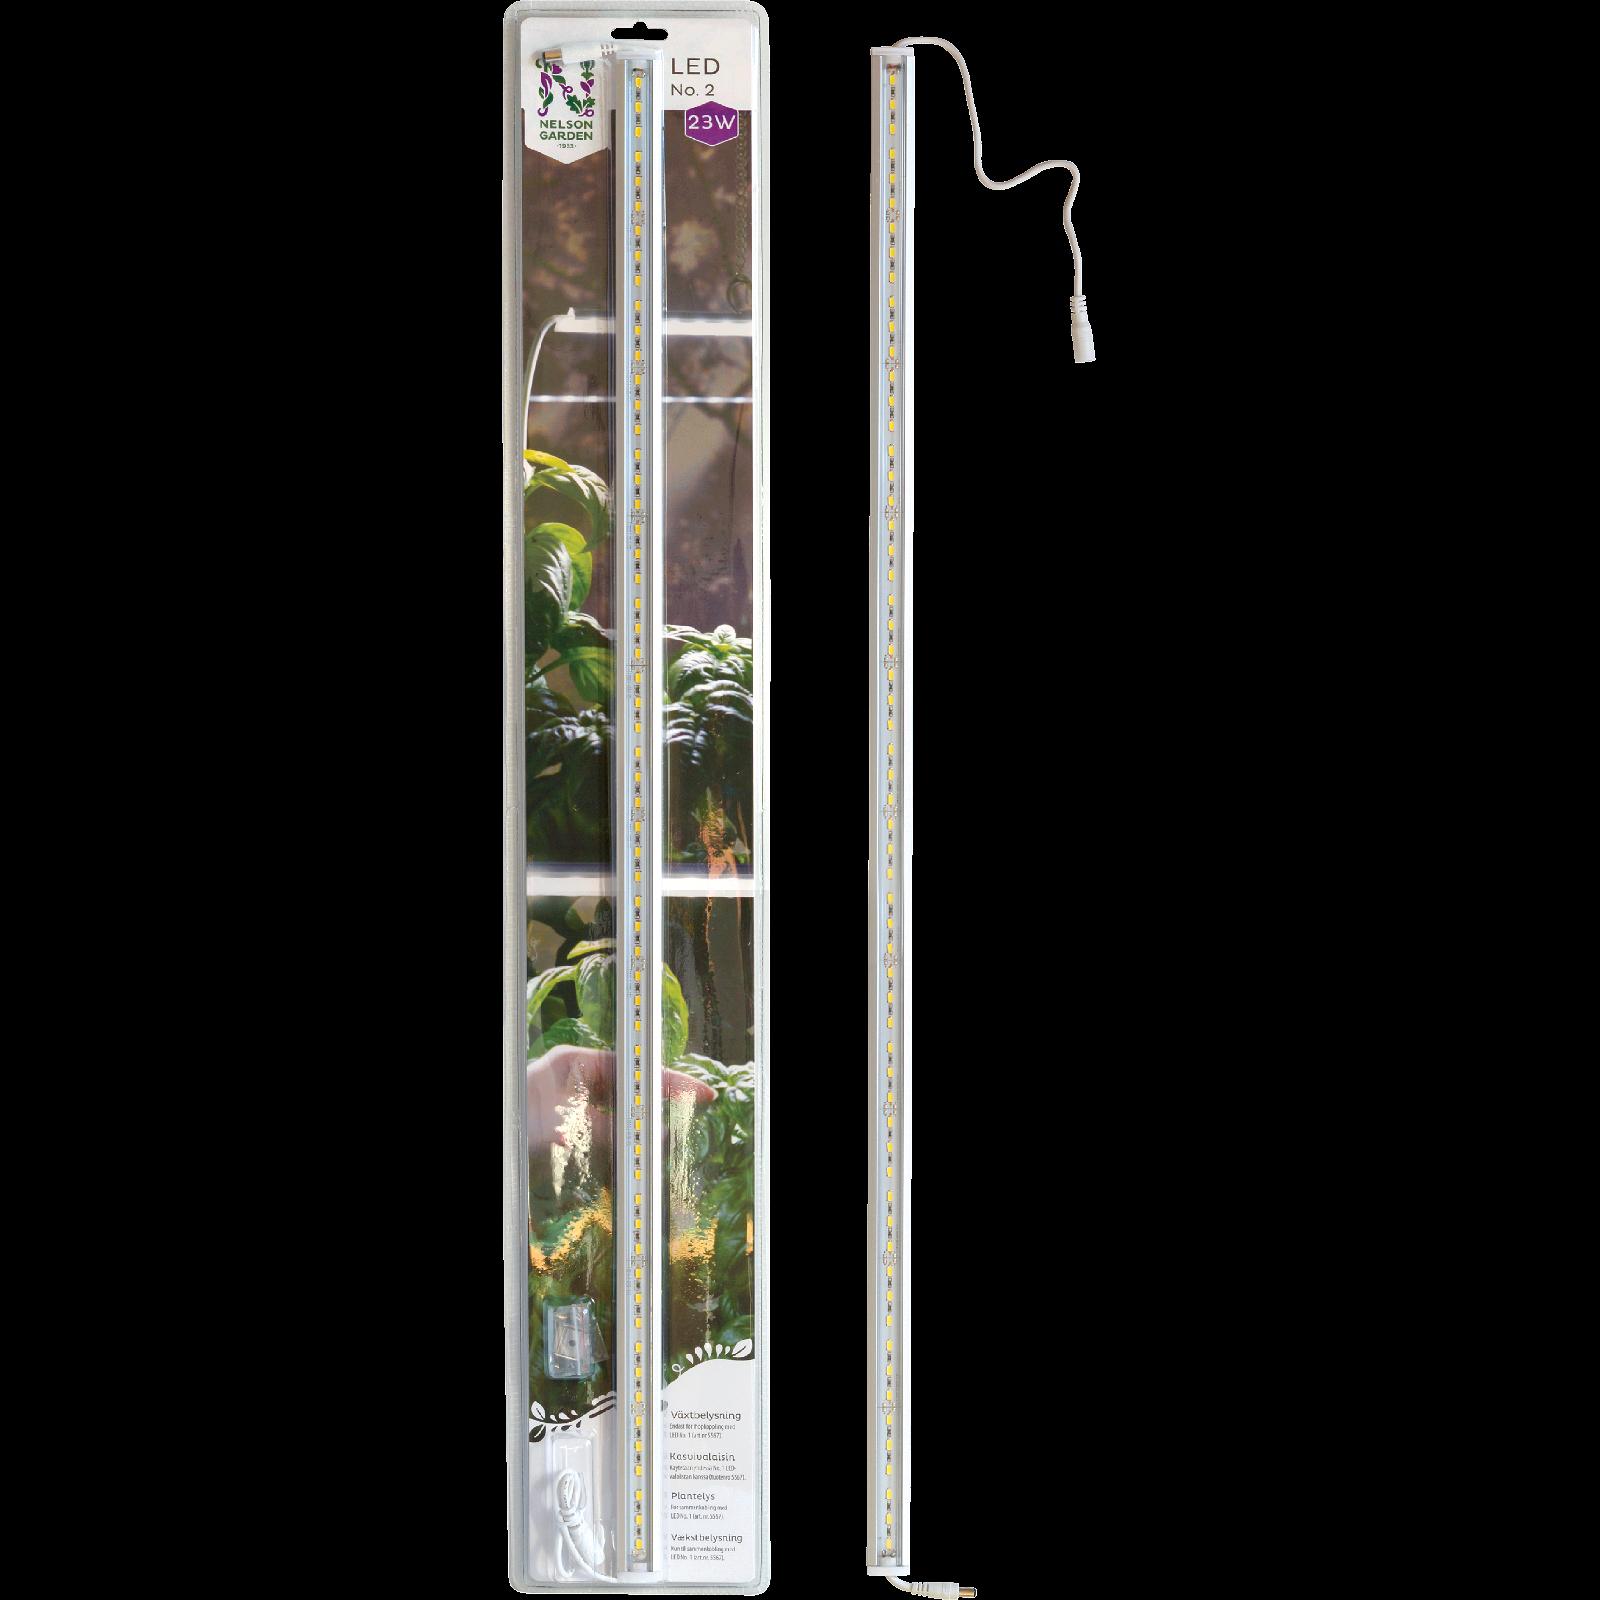 Vækstbelysning LED No.2, 85 cm 23 w